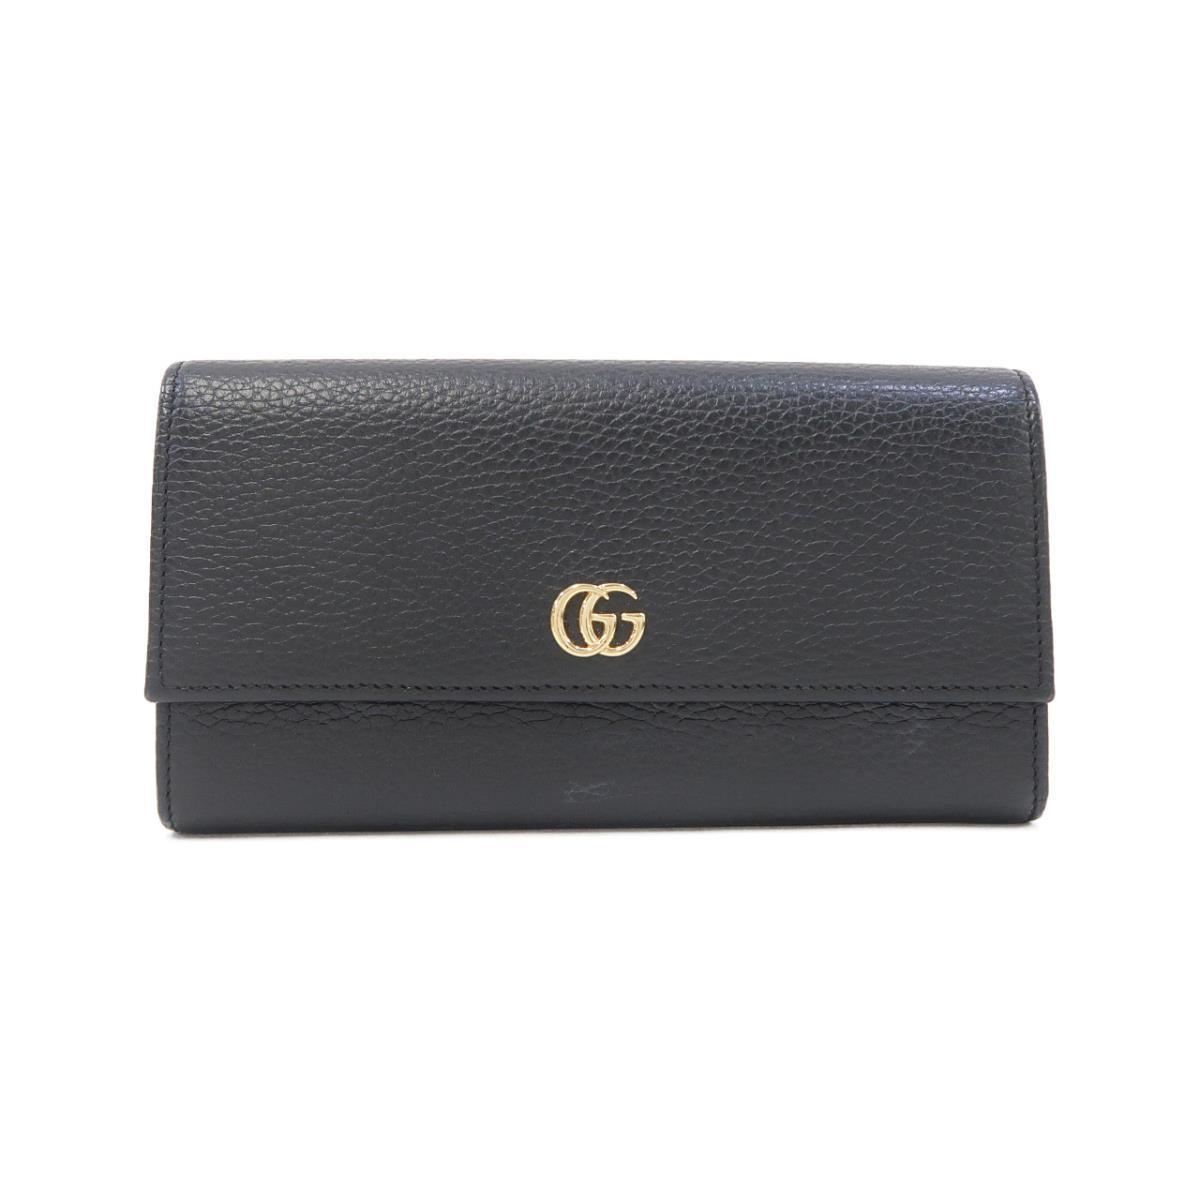 グッチのレザー財布